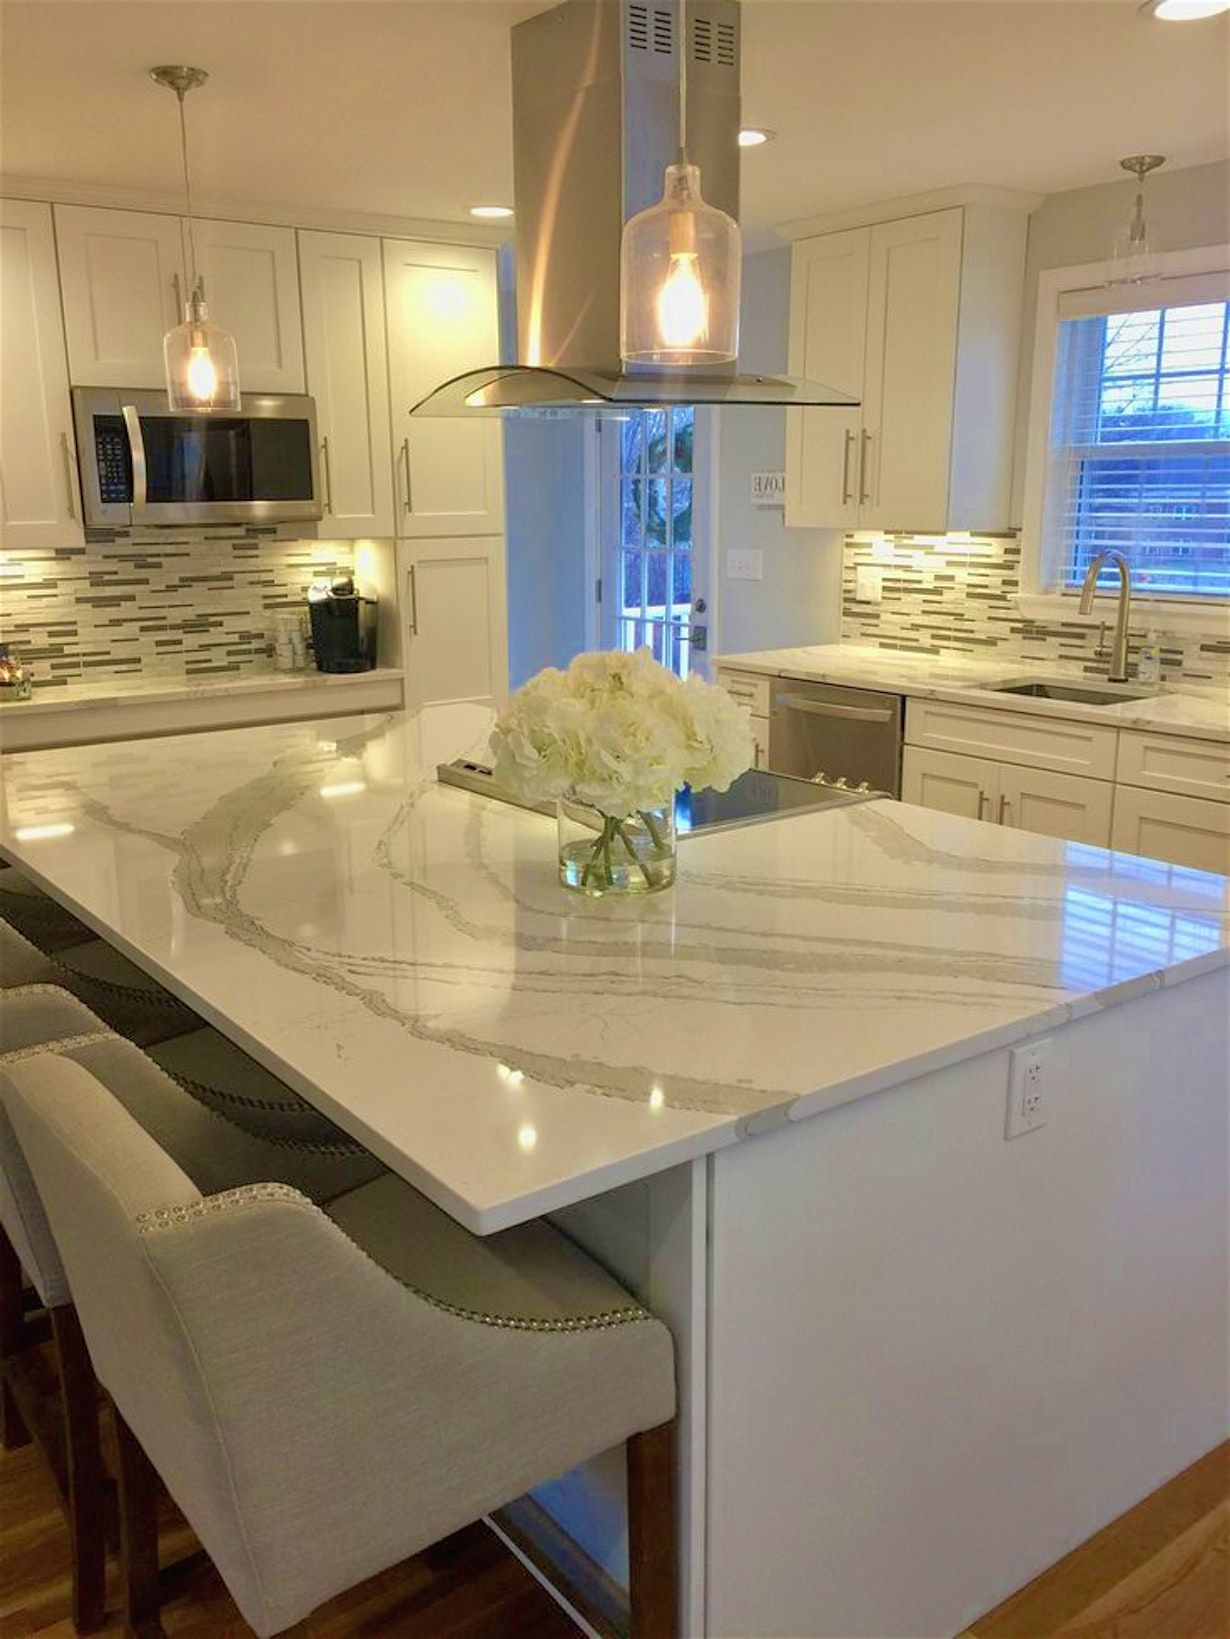 55 Quartz Countertop Slabs Backsplash For Kitchen Ideas Check